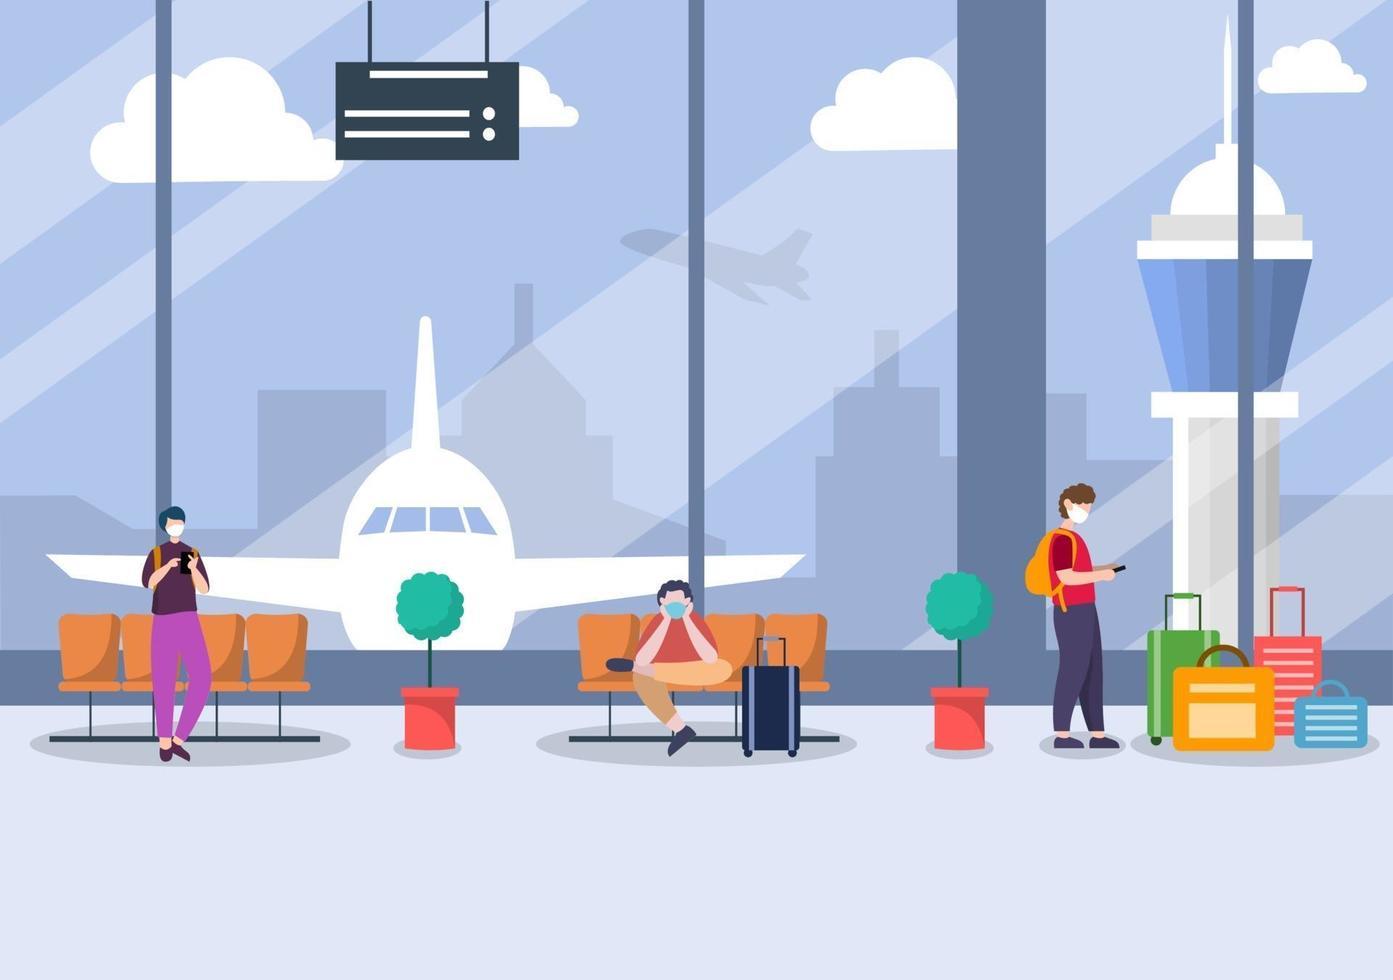 nuovo normale, illustrazione vettoriale persone in maschera seduti nel terminal interno dell'aeroporto, concetto di viaggio d'affari. design piatto.